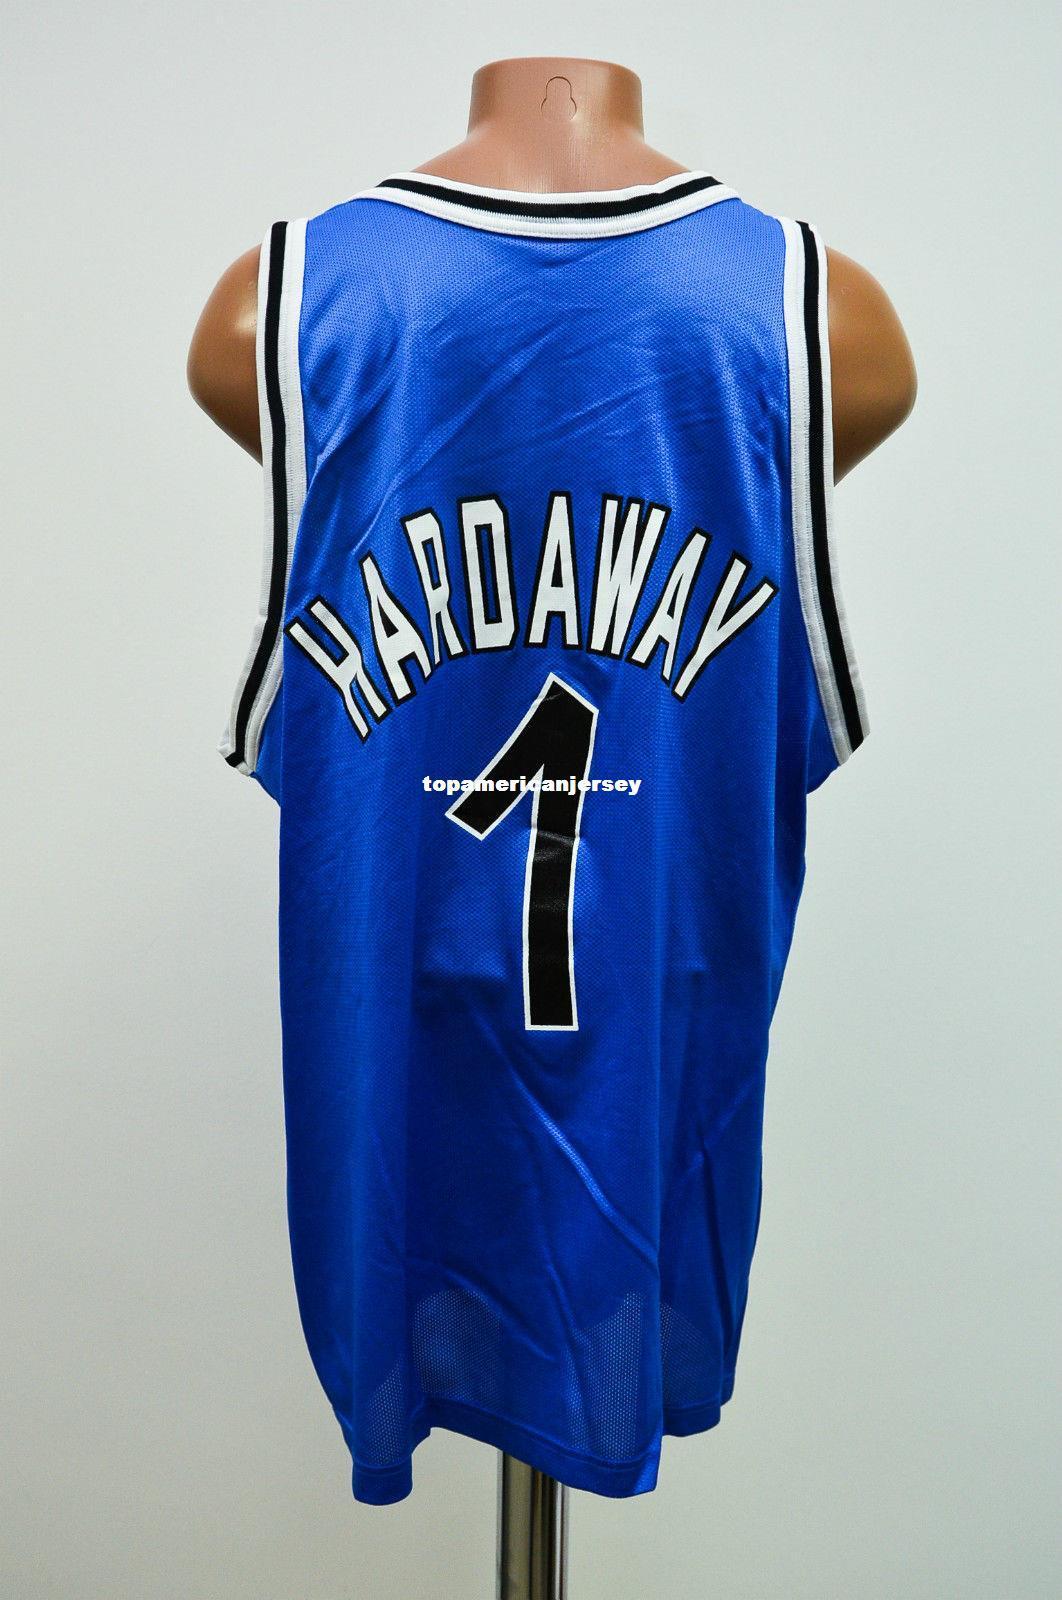 Maillot de basketball de haute qualité cousu BASKETBALL JERSEY # 1 CHAMPION HARDAWAY pour Homme Taille Top XS-6XL